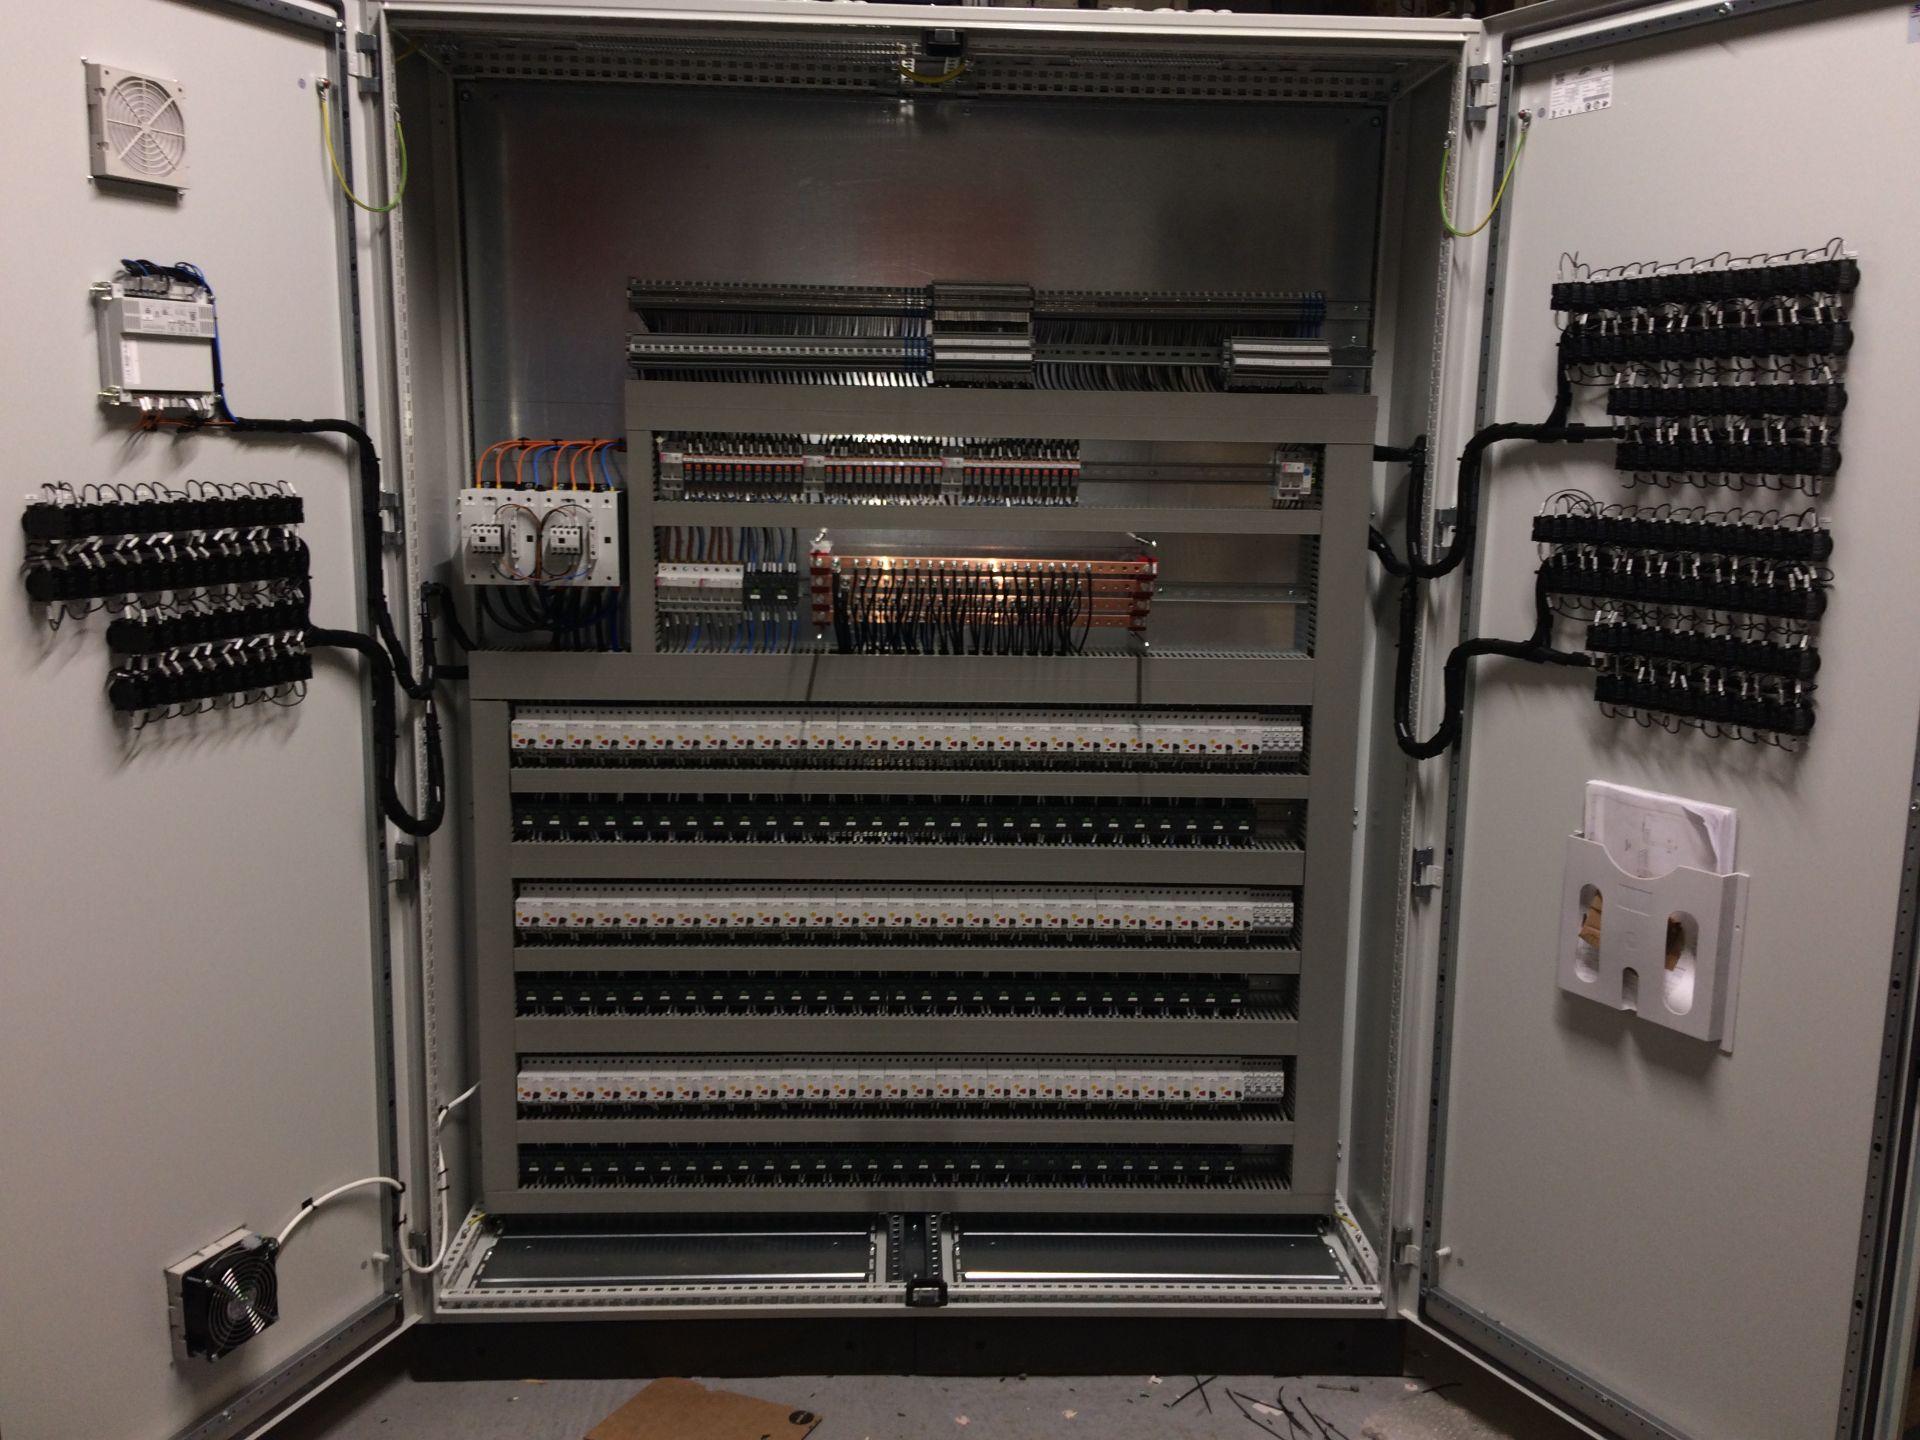 Tablouri electrice și automatizări IMG 8494